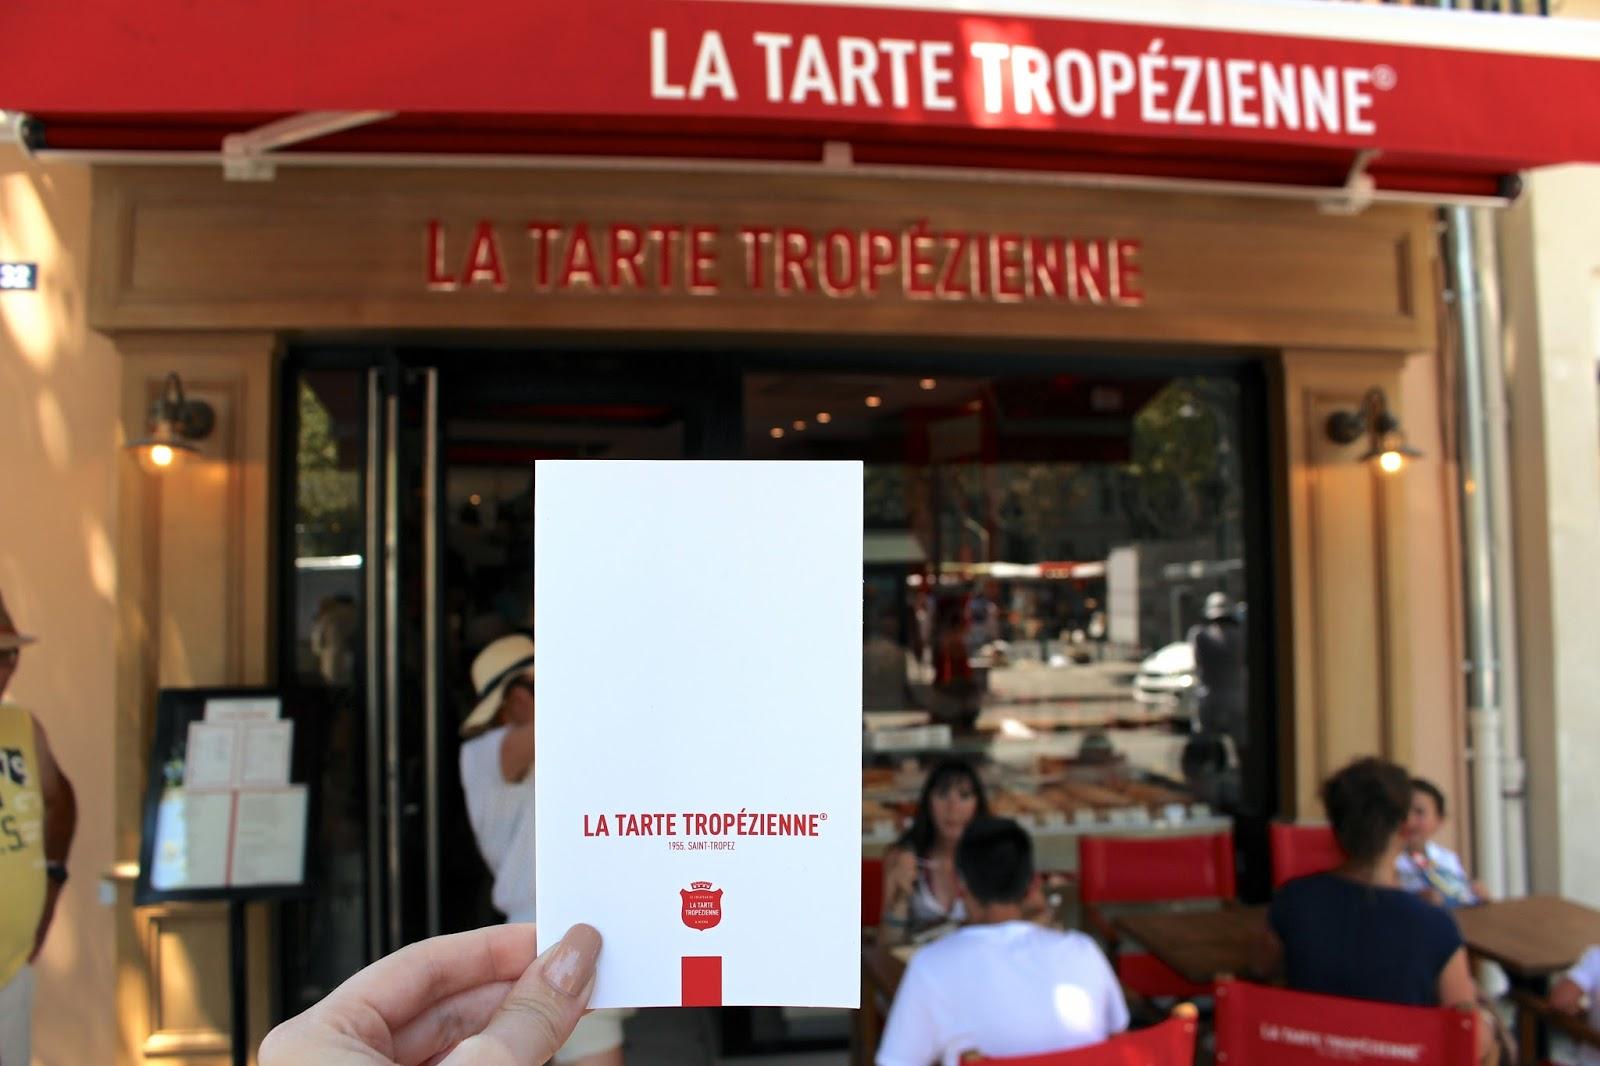 La Tarte Tropézienne st tropez review